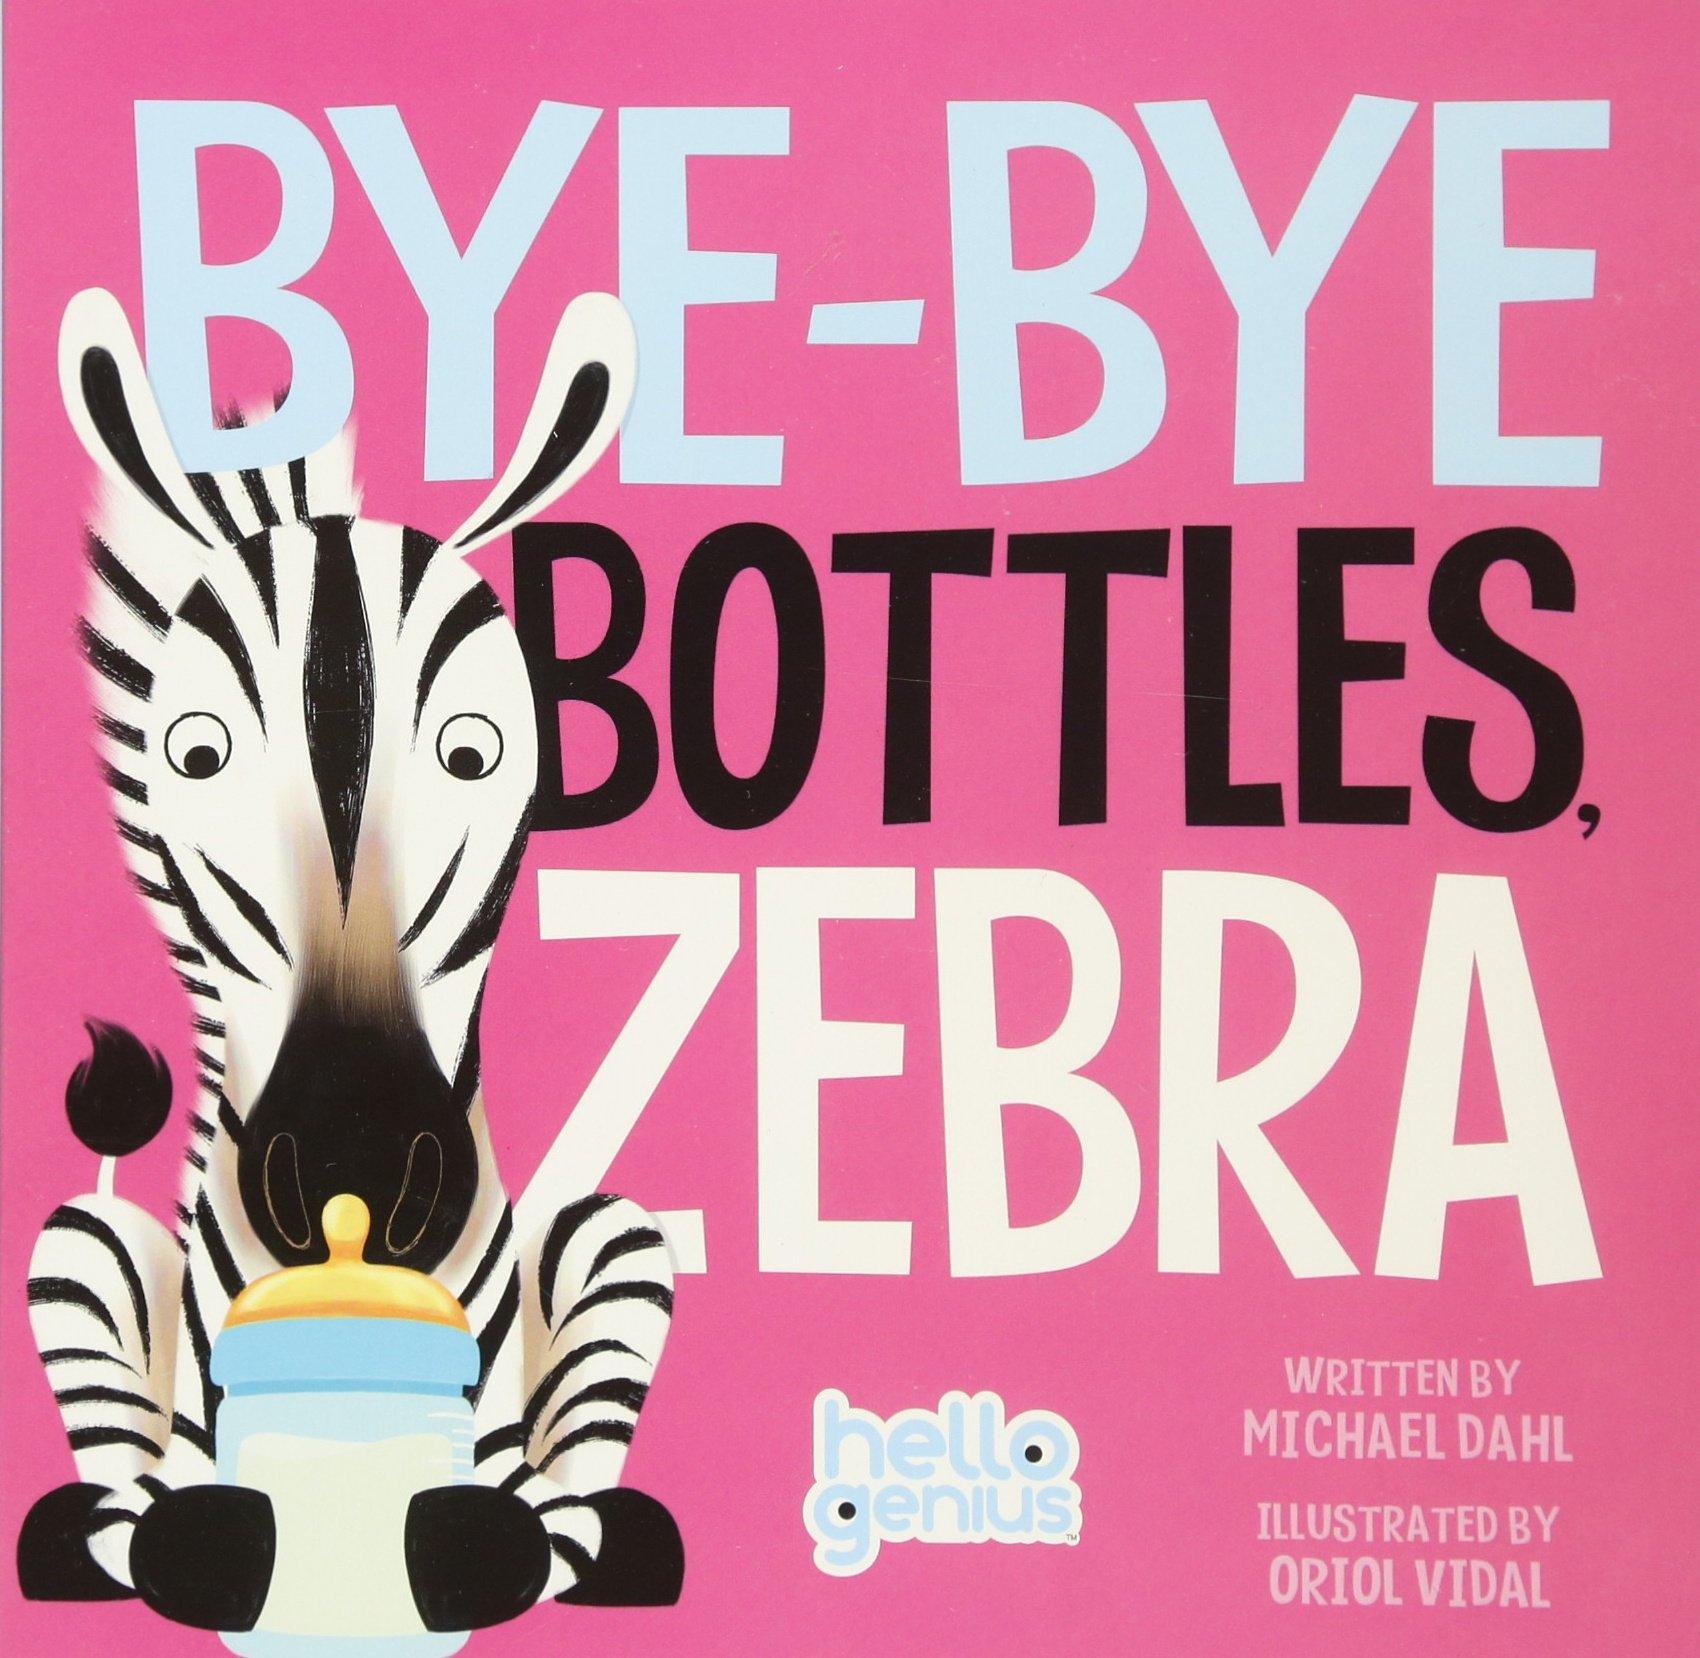 Bye-Bye Bottles, Zebra (Hello Genius)